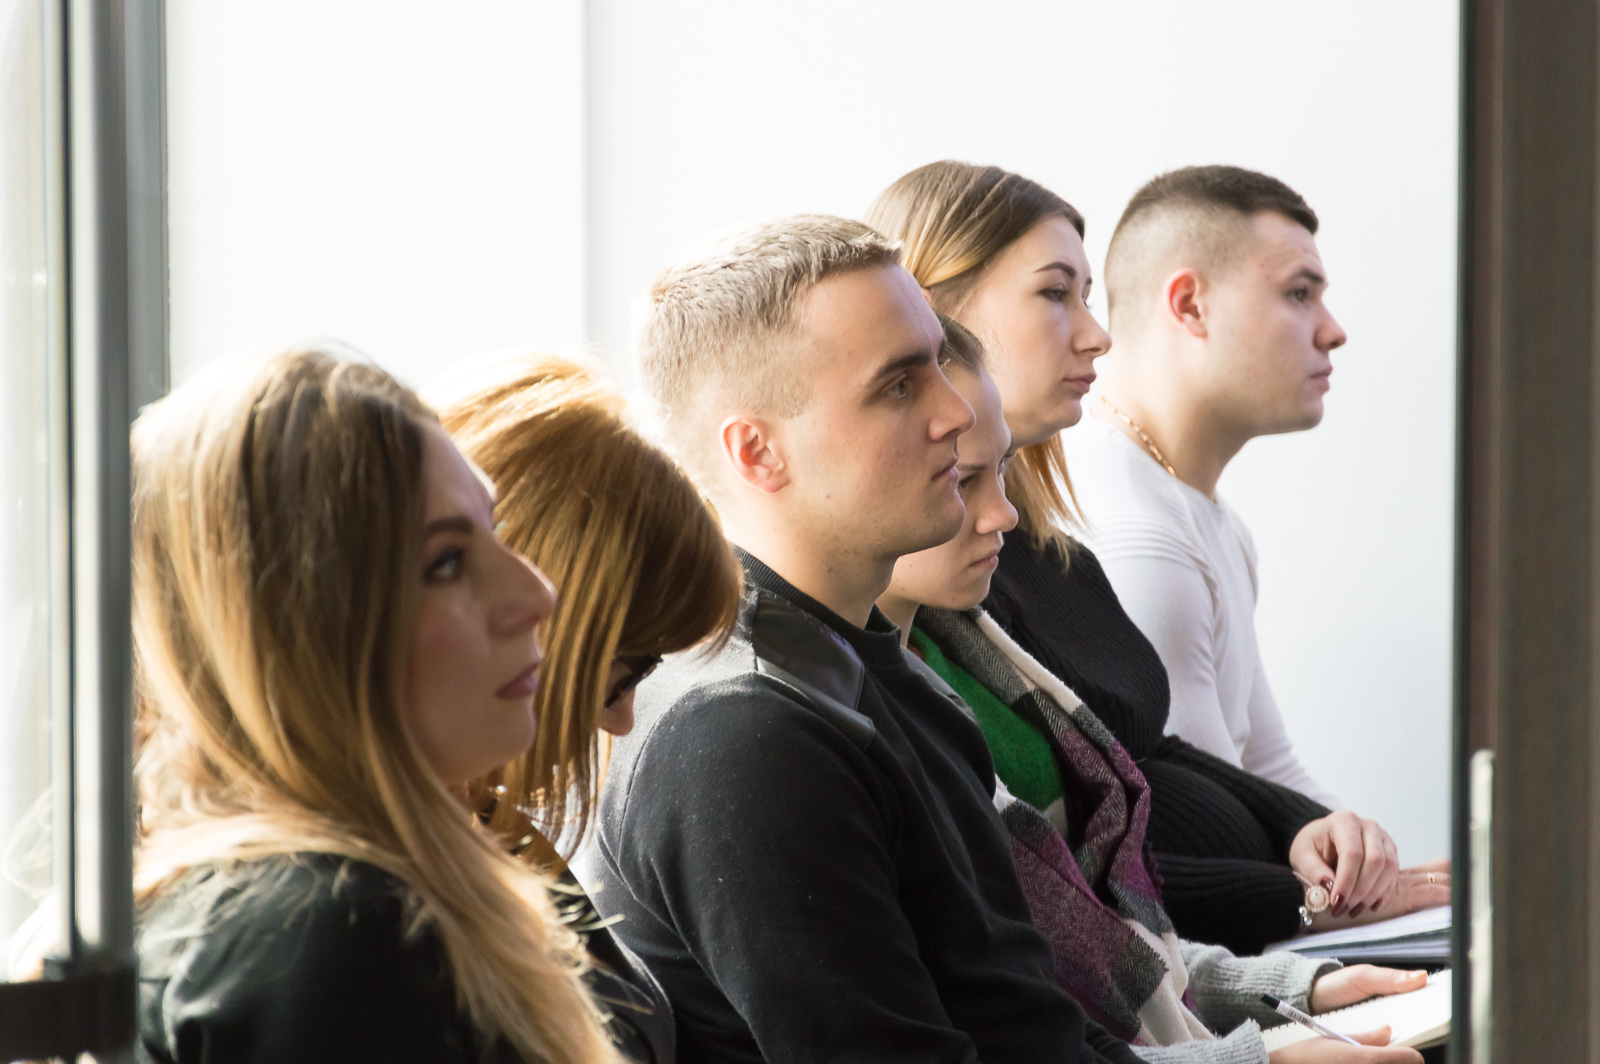 """Лекцию """"Финансовые рынки и основы биржевых технологий"""" в Черновцах посетили студенты и преподаватели МАУП - 3 фото"""